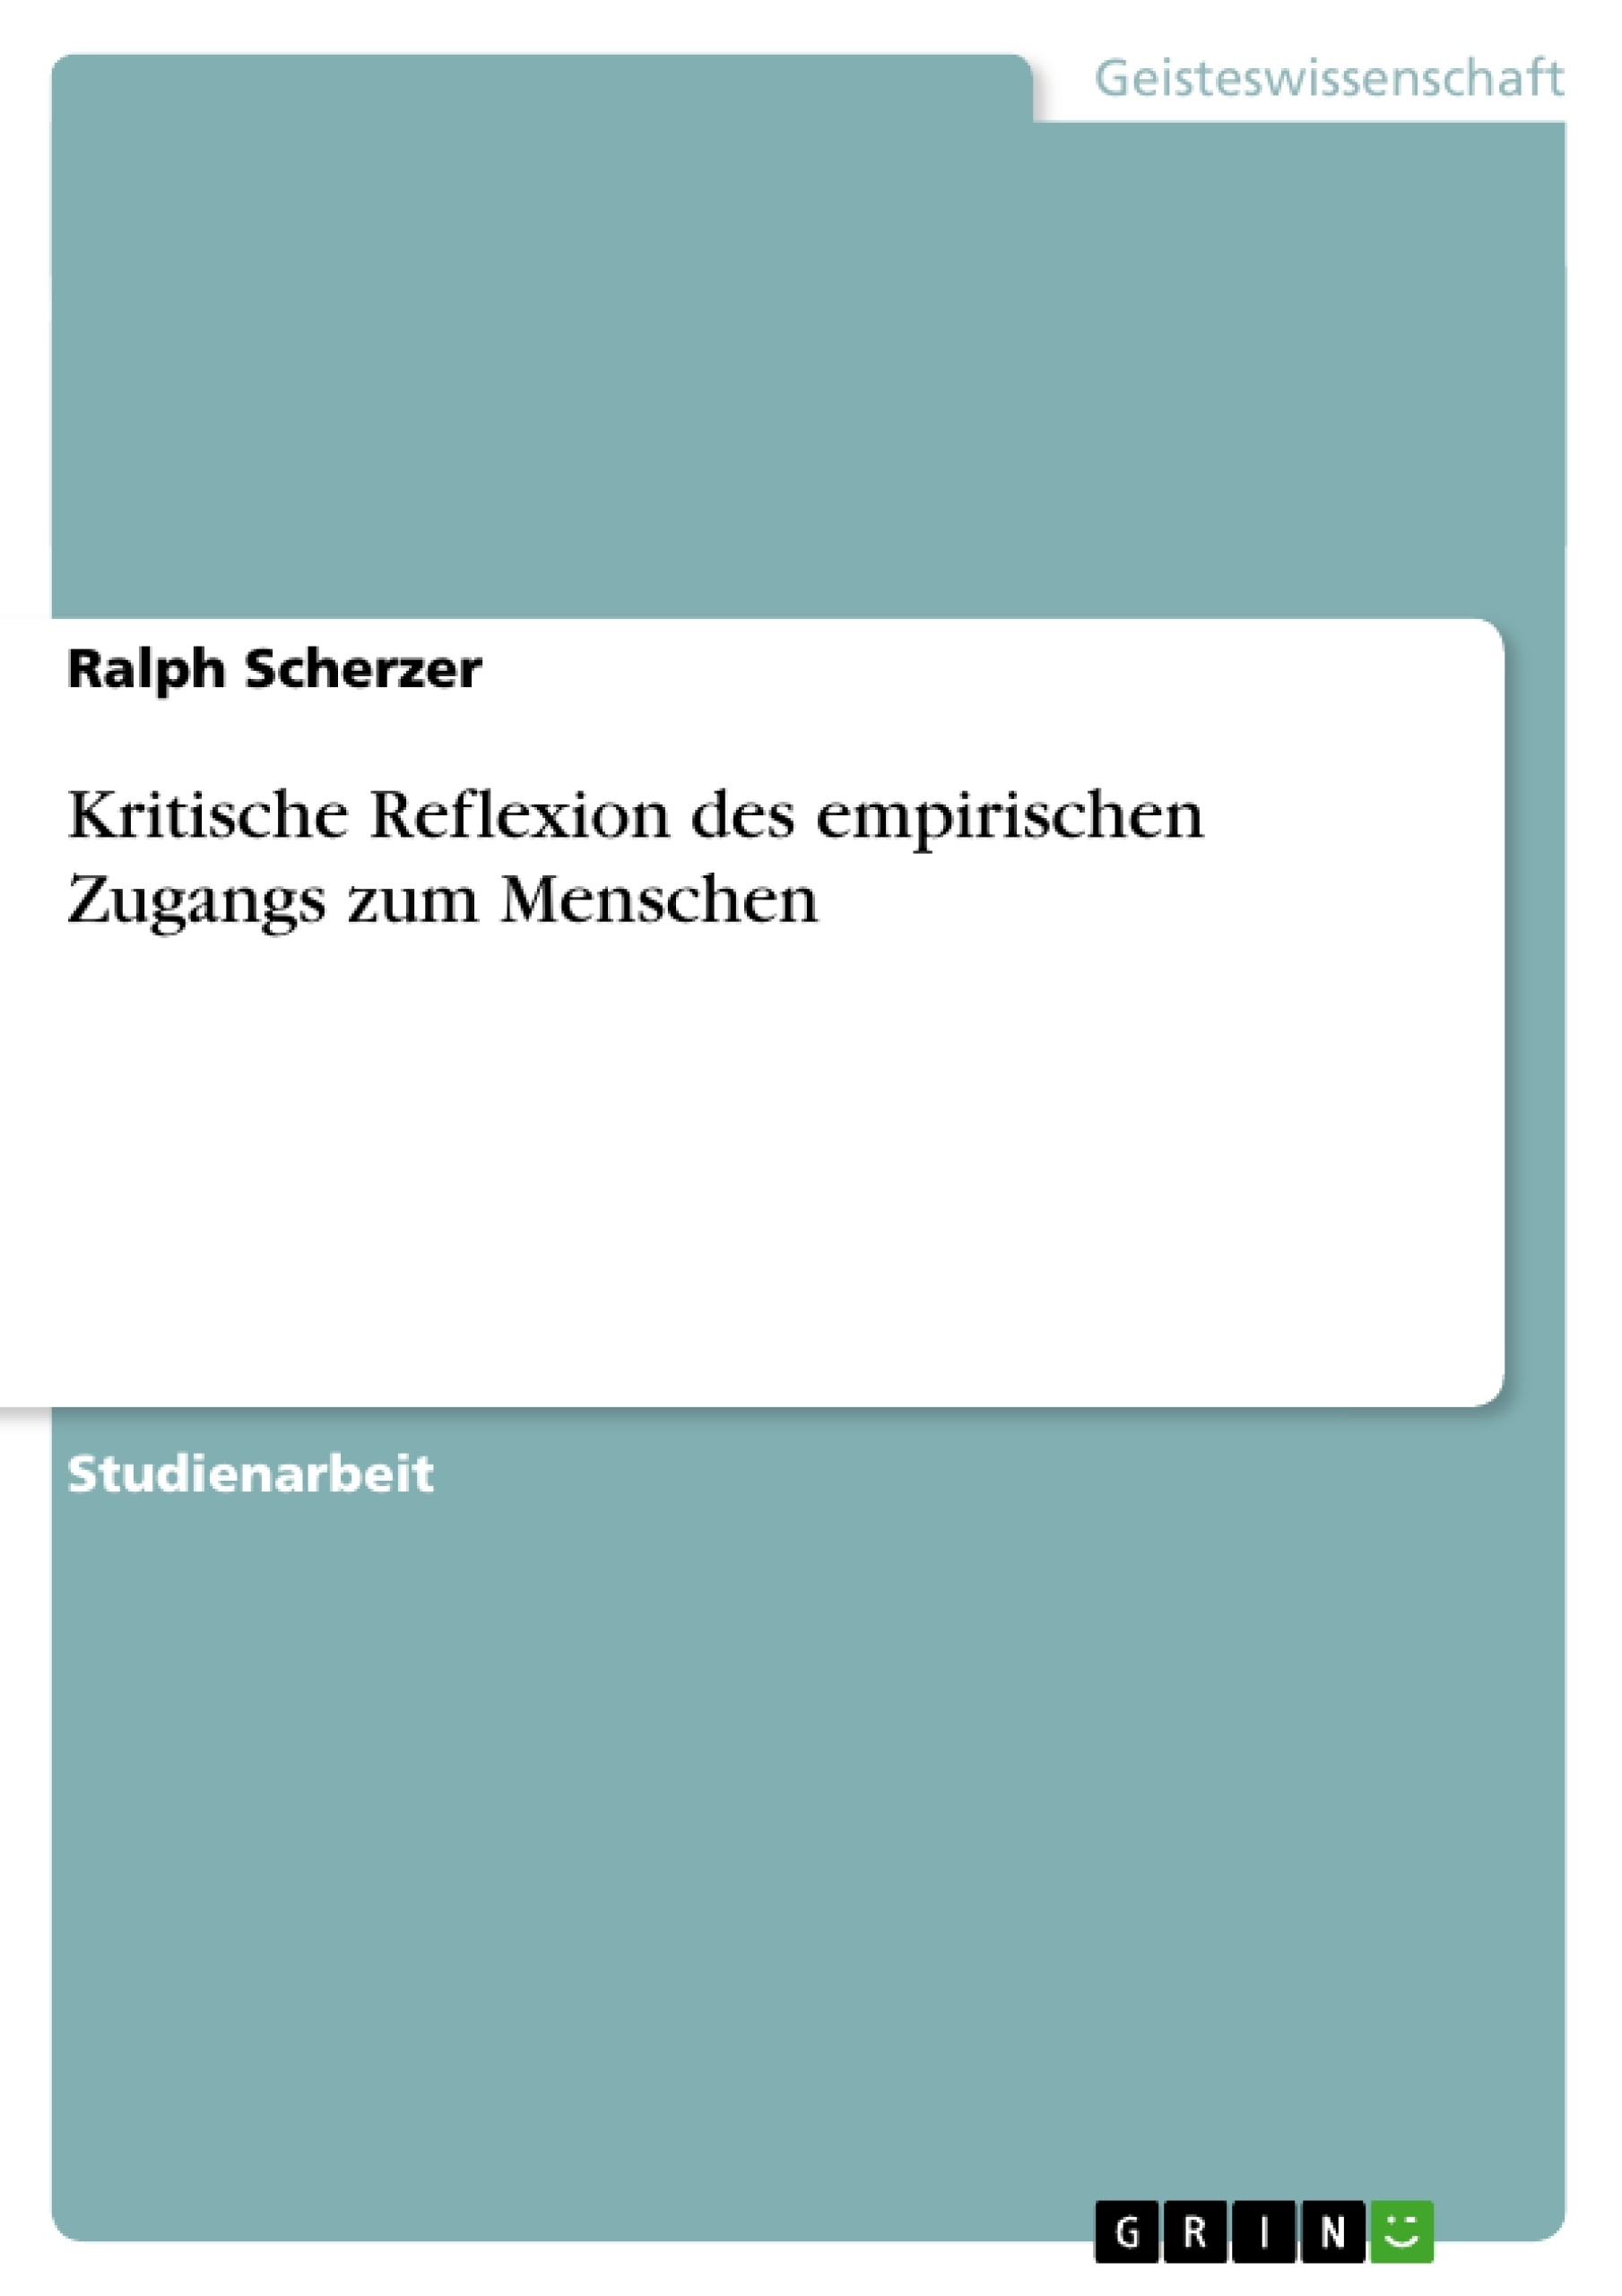 Titel: Kritische Reflexion des empirischen Zugangs zum Menschen